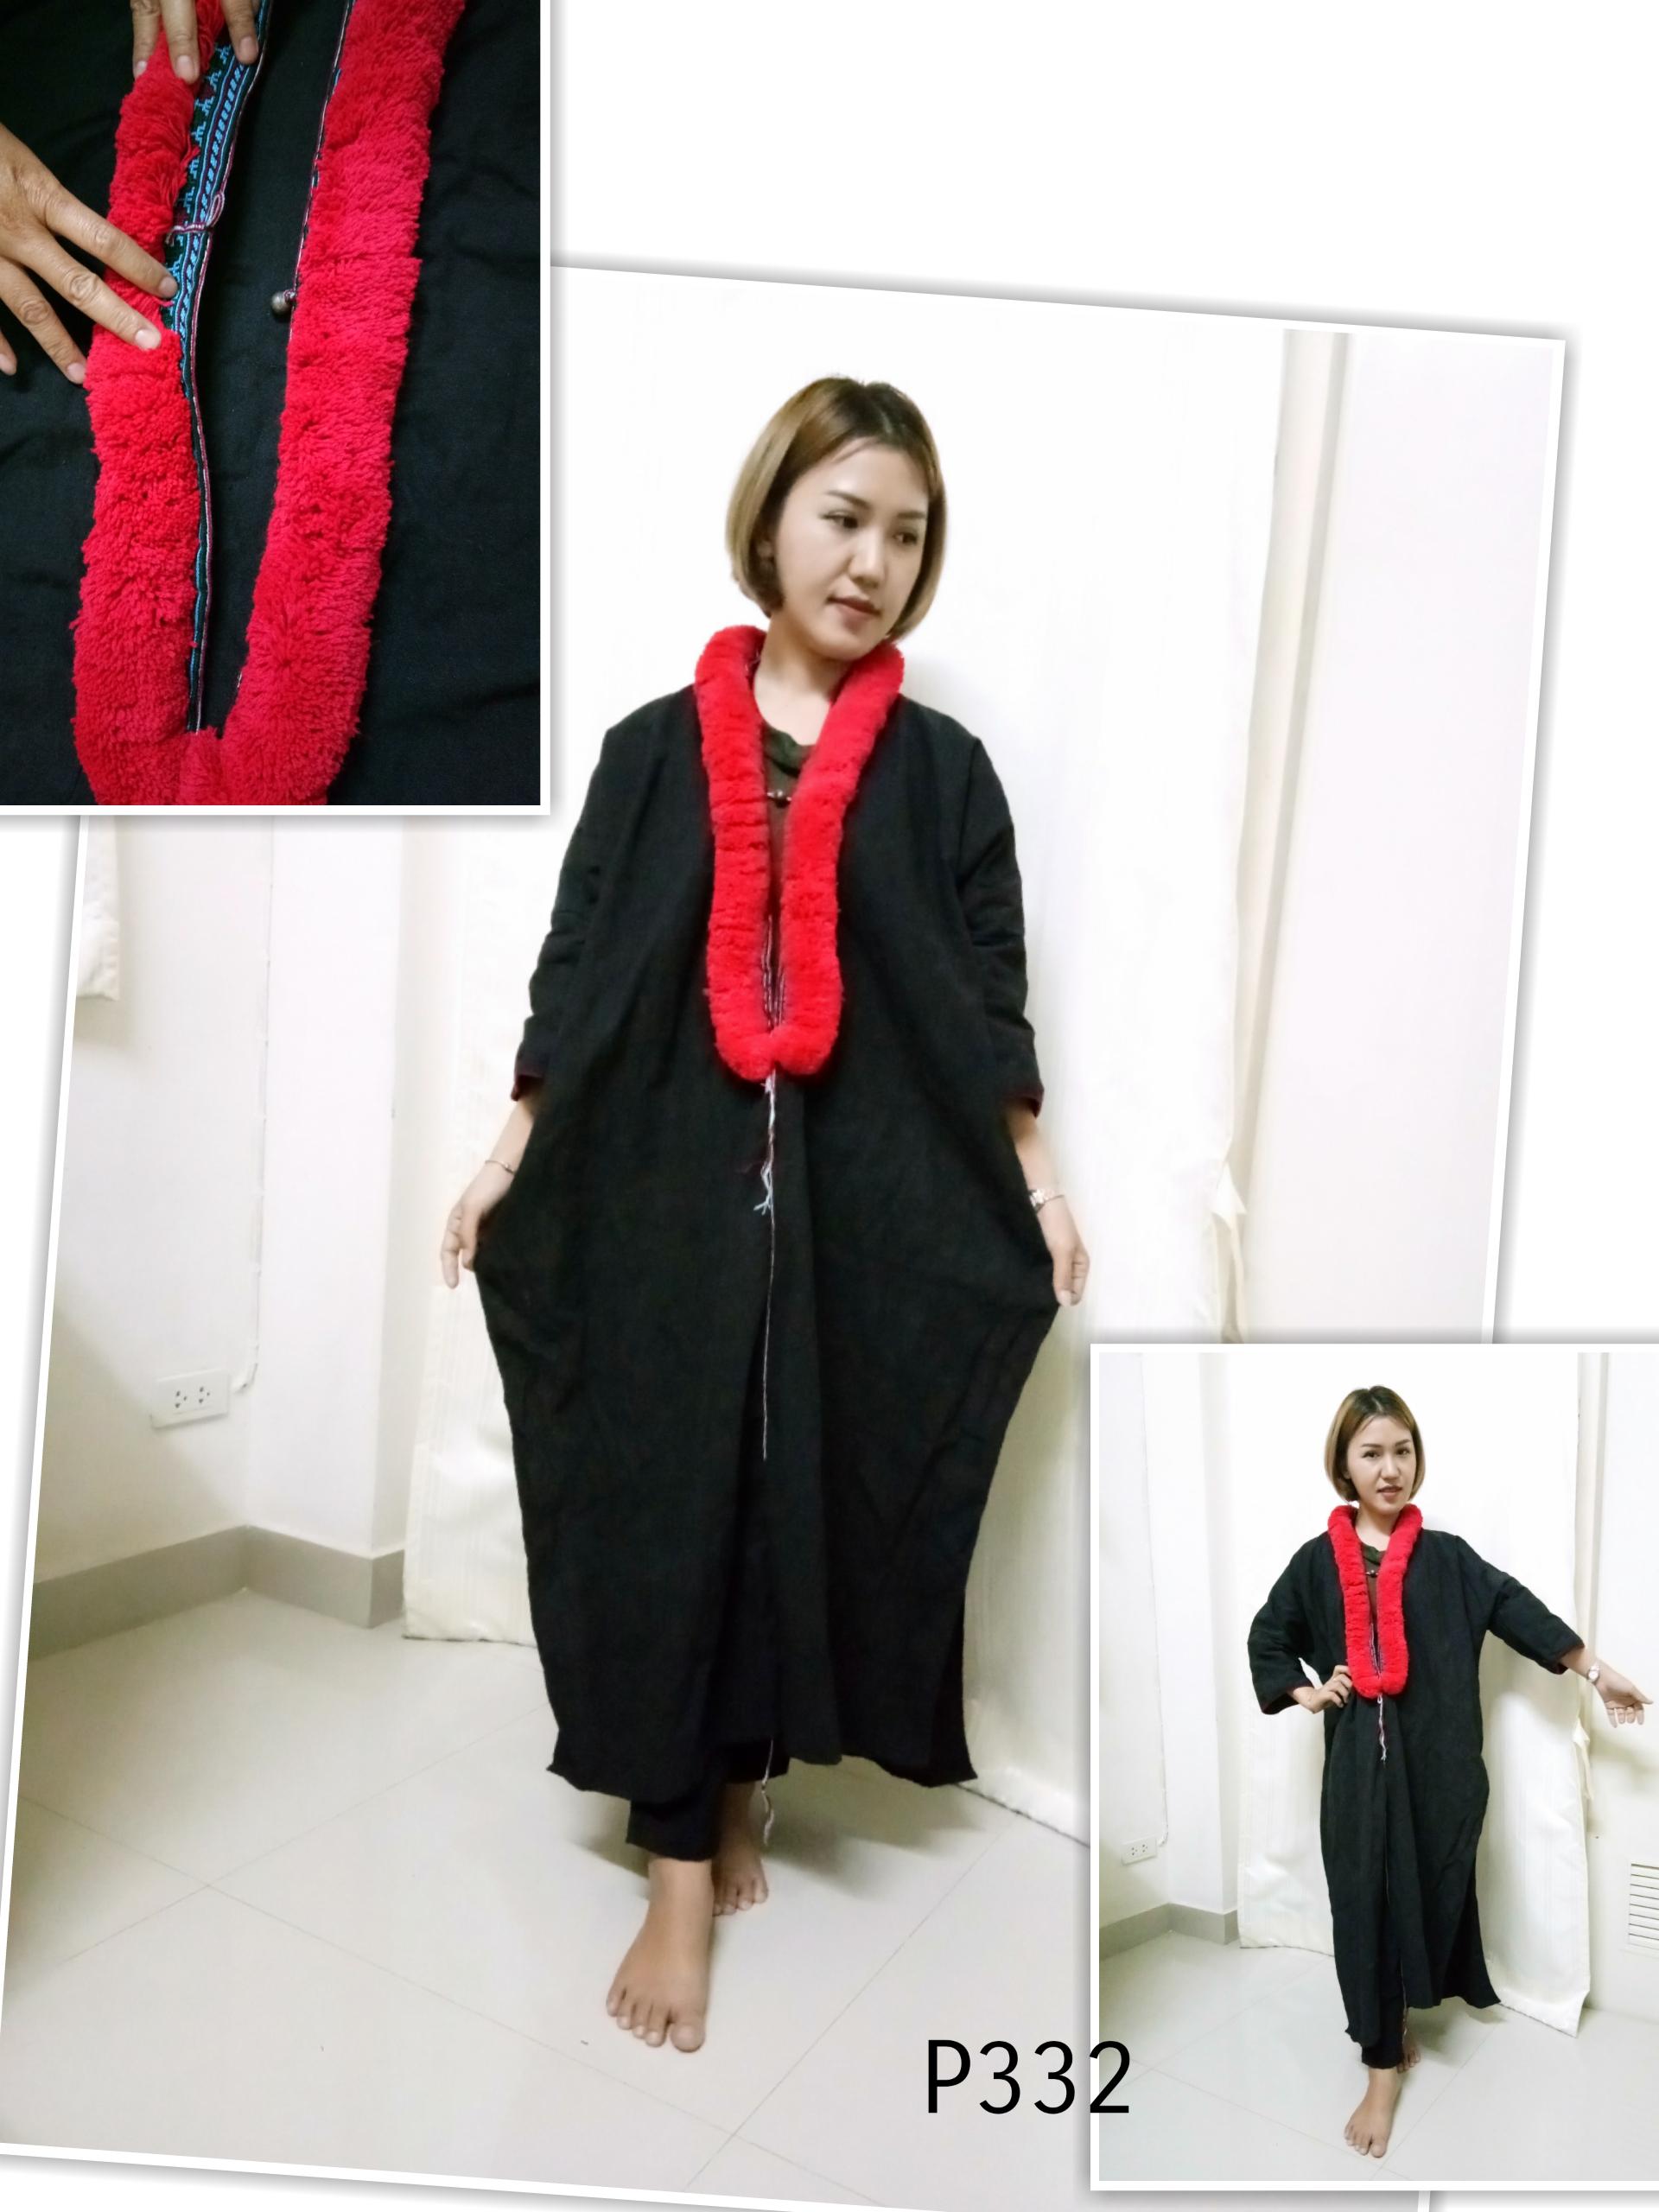 เสื้ออิวเมี่ยนผู้หญิงแบบสวม